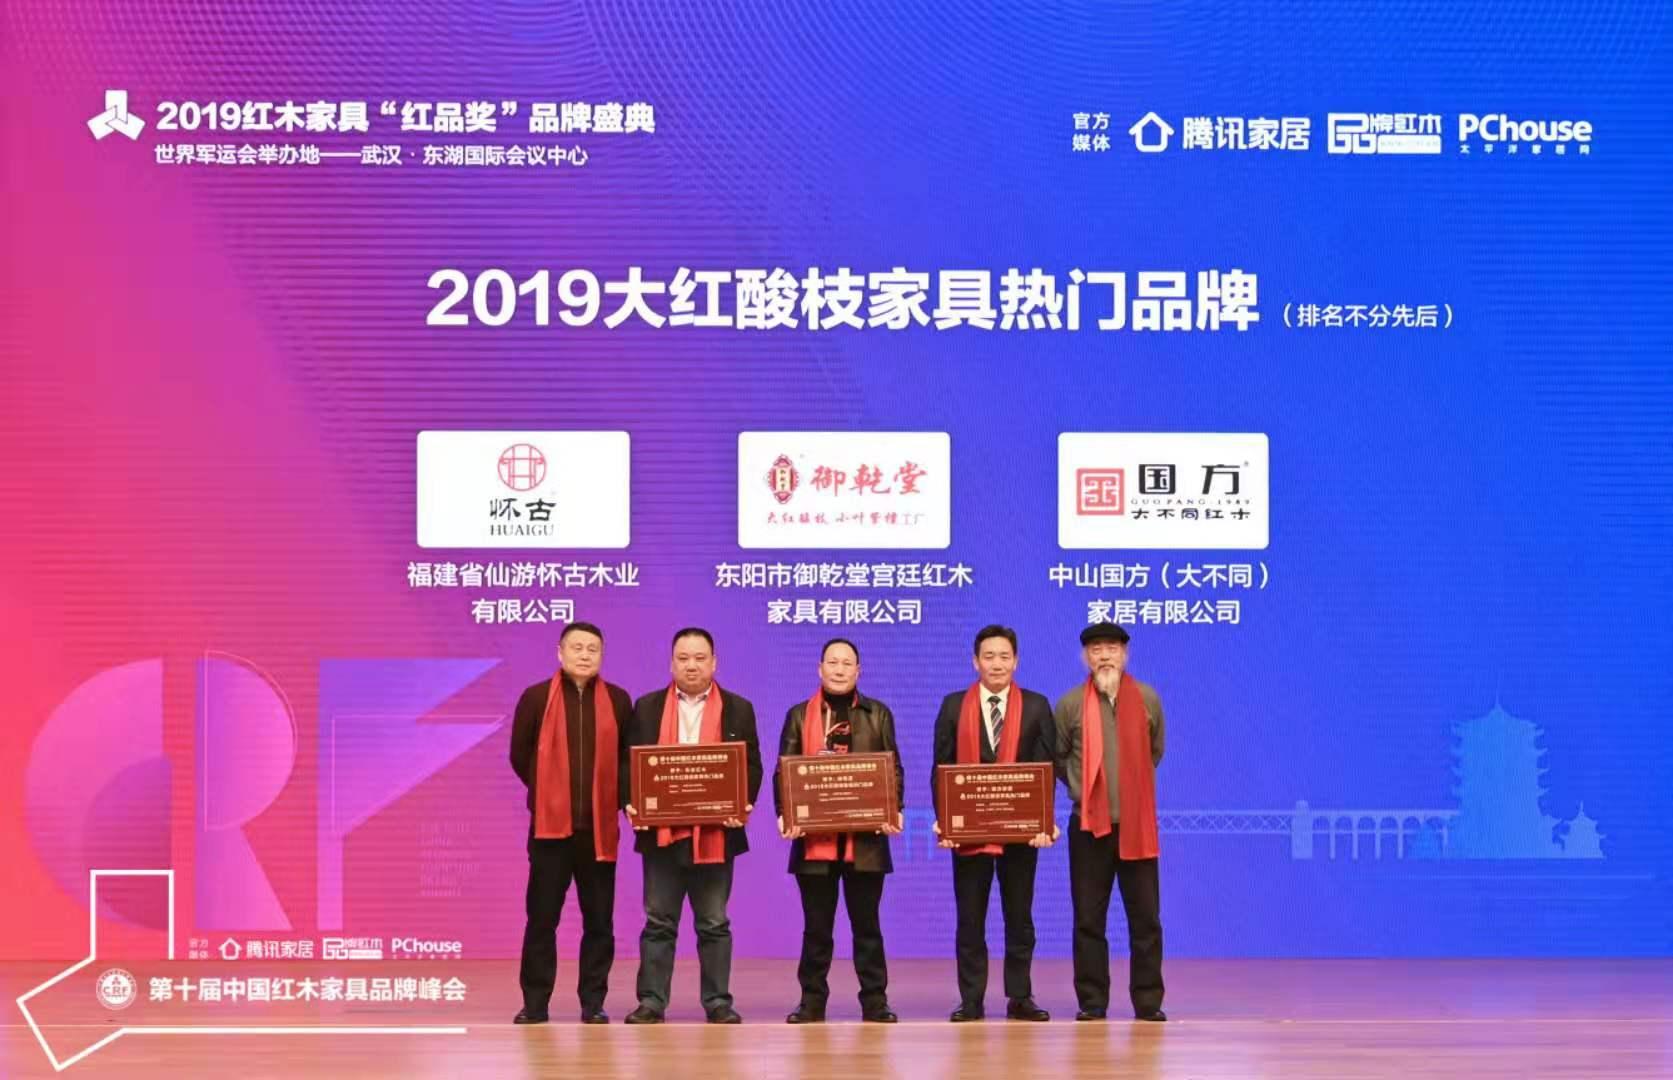 """""""2019大红酸枝家具热门品牌""""颁奖仪式"""